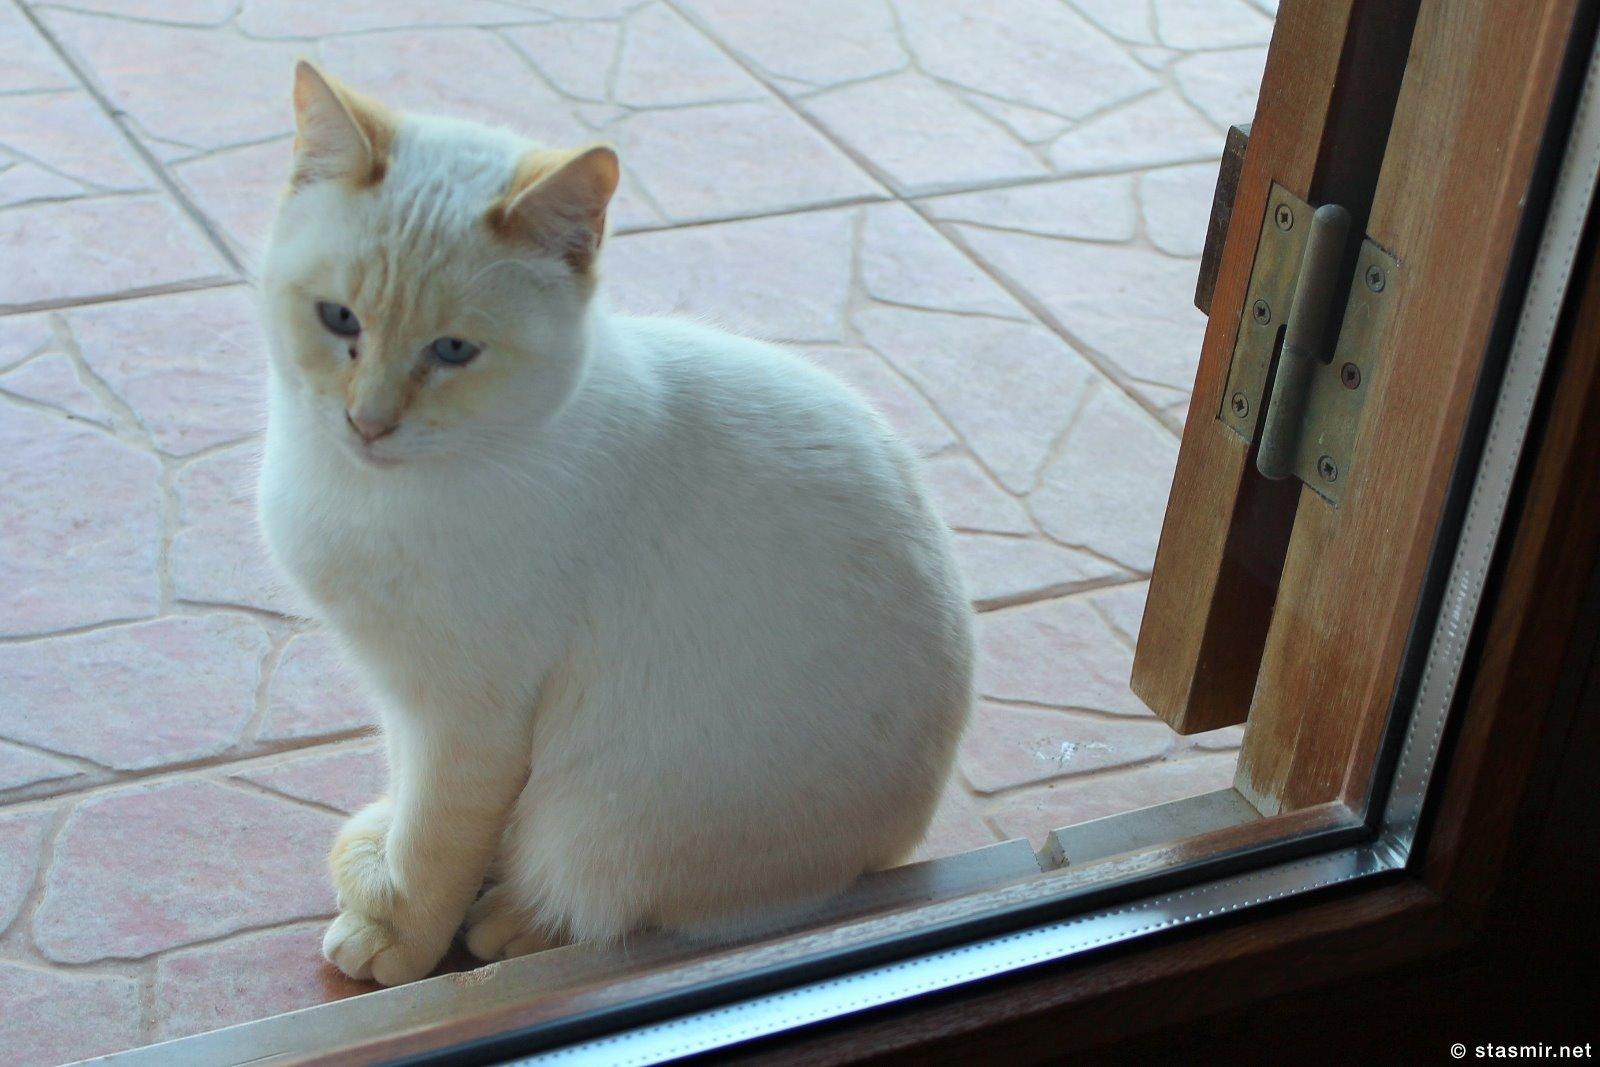 кошка за дверью, Казаиш-да-Санта-Тереза, Фото Стасмир, Photo Stasmir